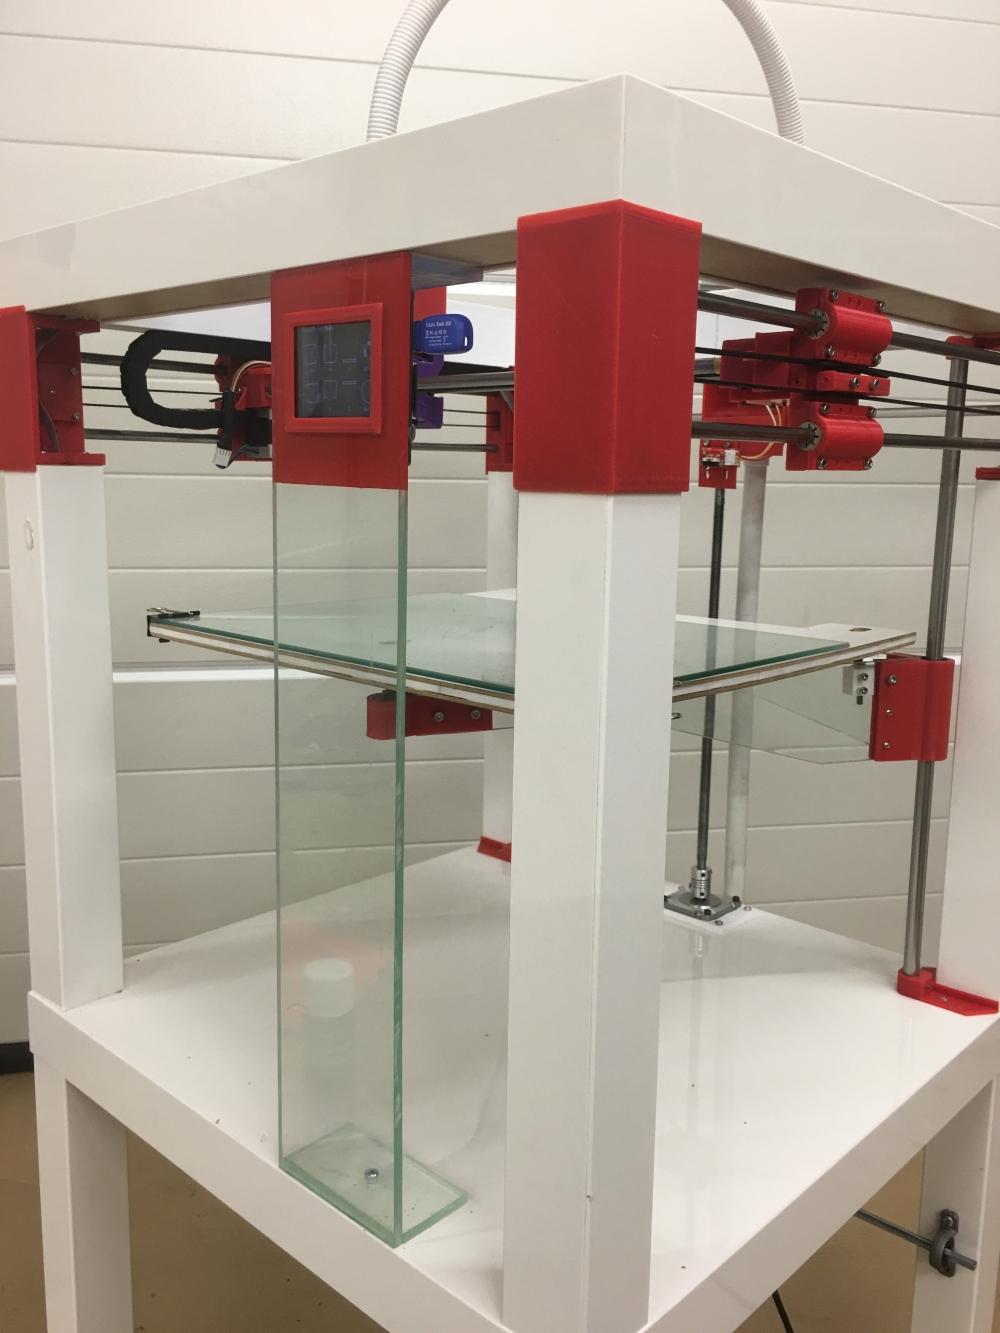 IMG_0222a(1) - DIY 3d printers